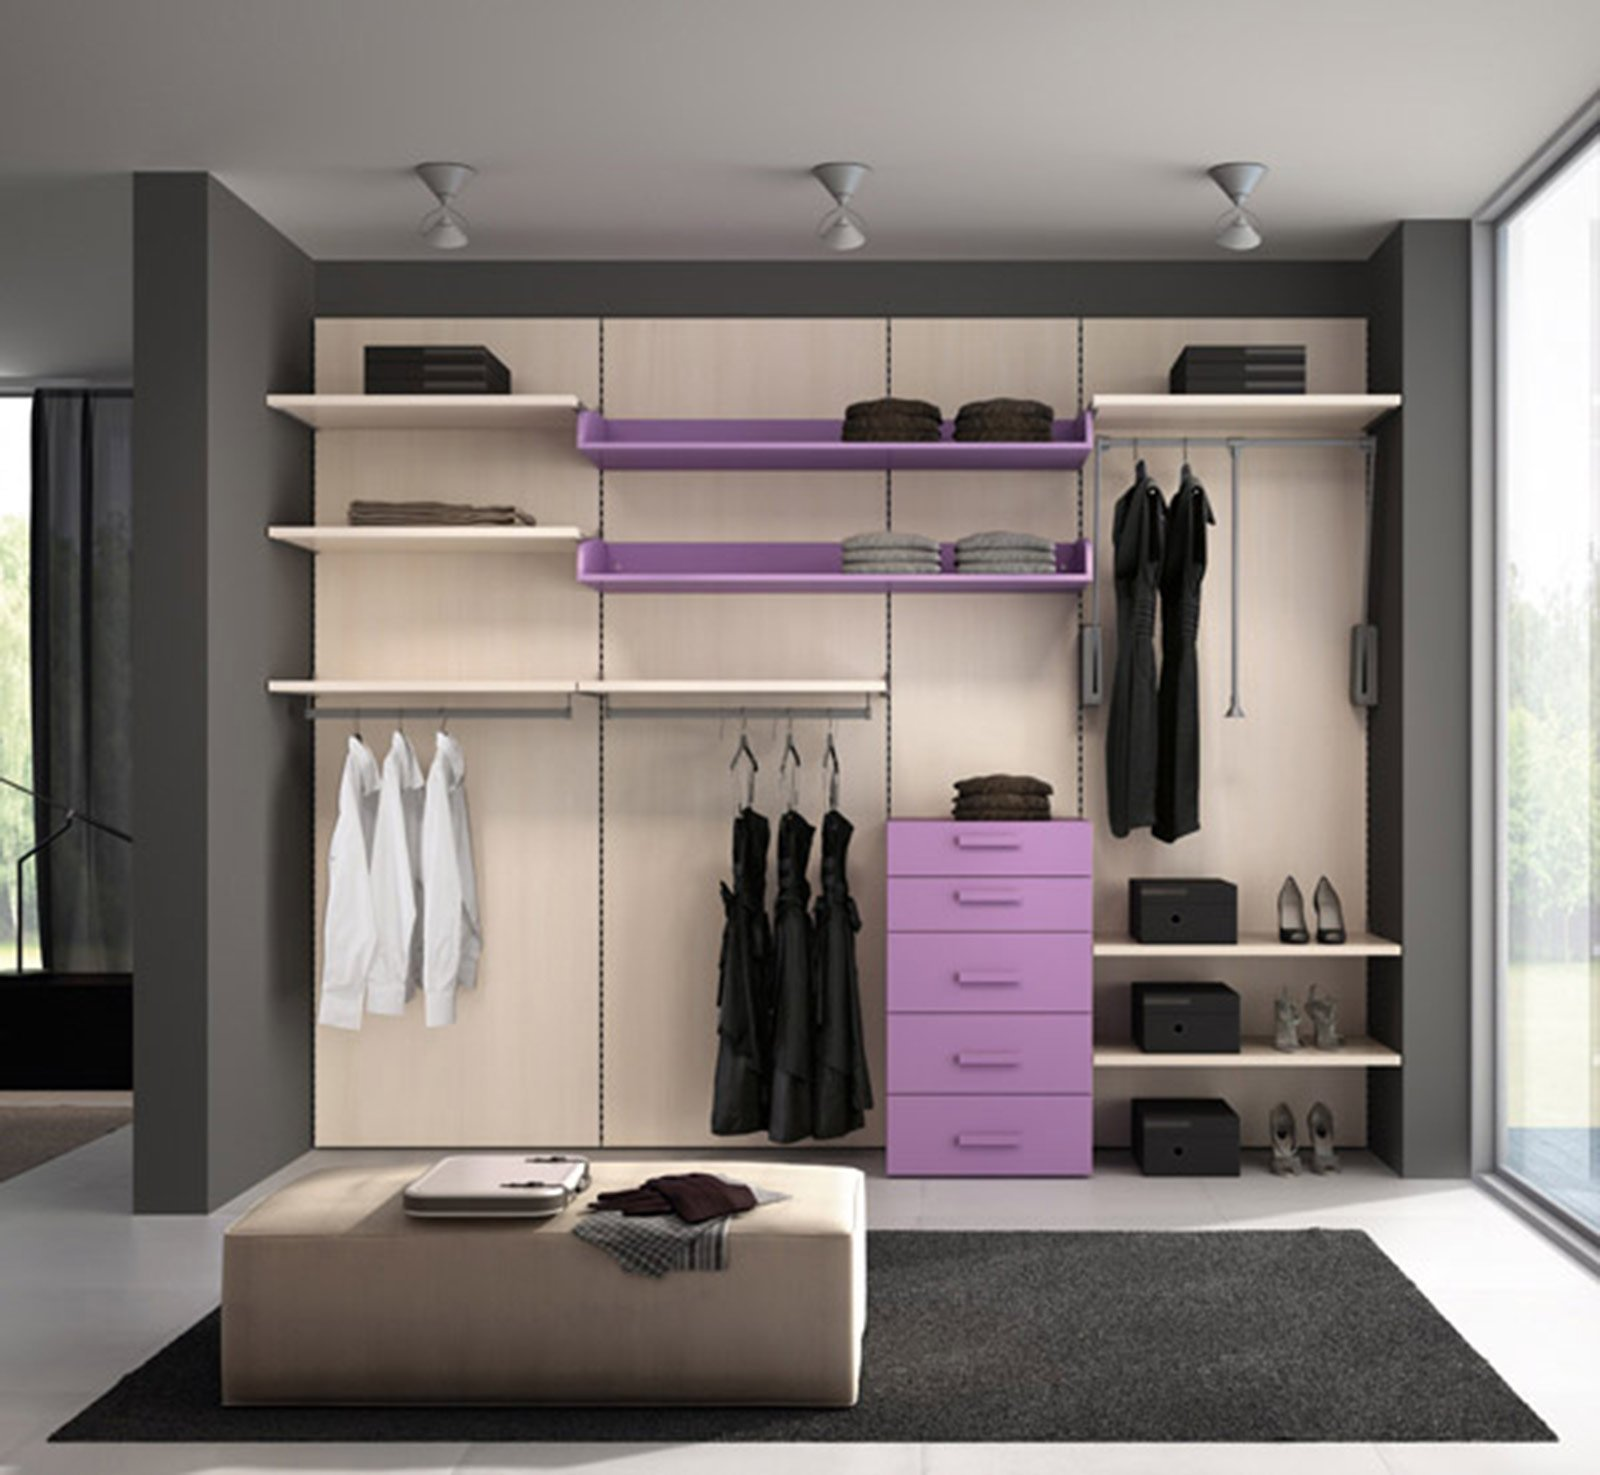 Cabine armadio progettiamo insieme lo spazio cose di casa - Camera da letto piccola soluzioni ...